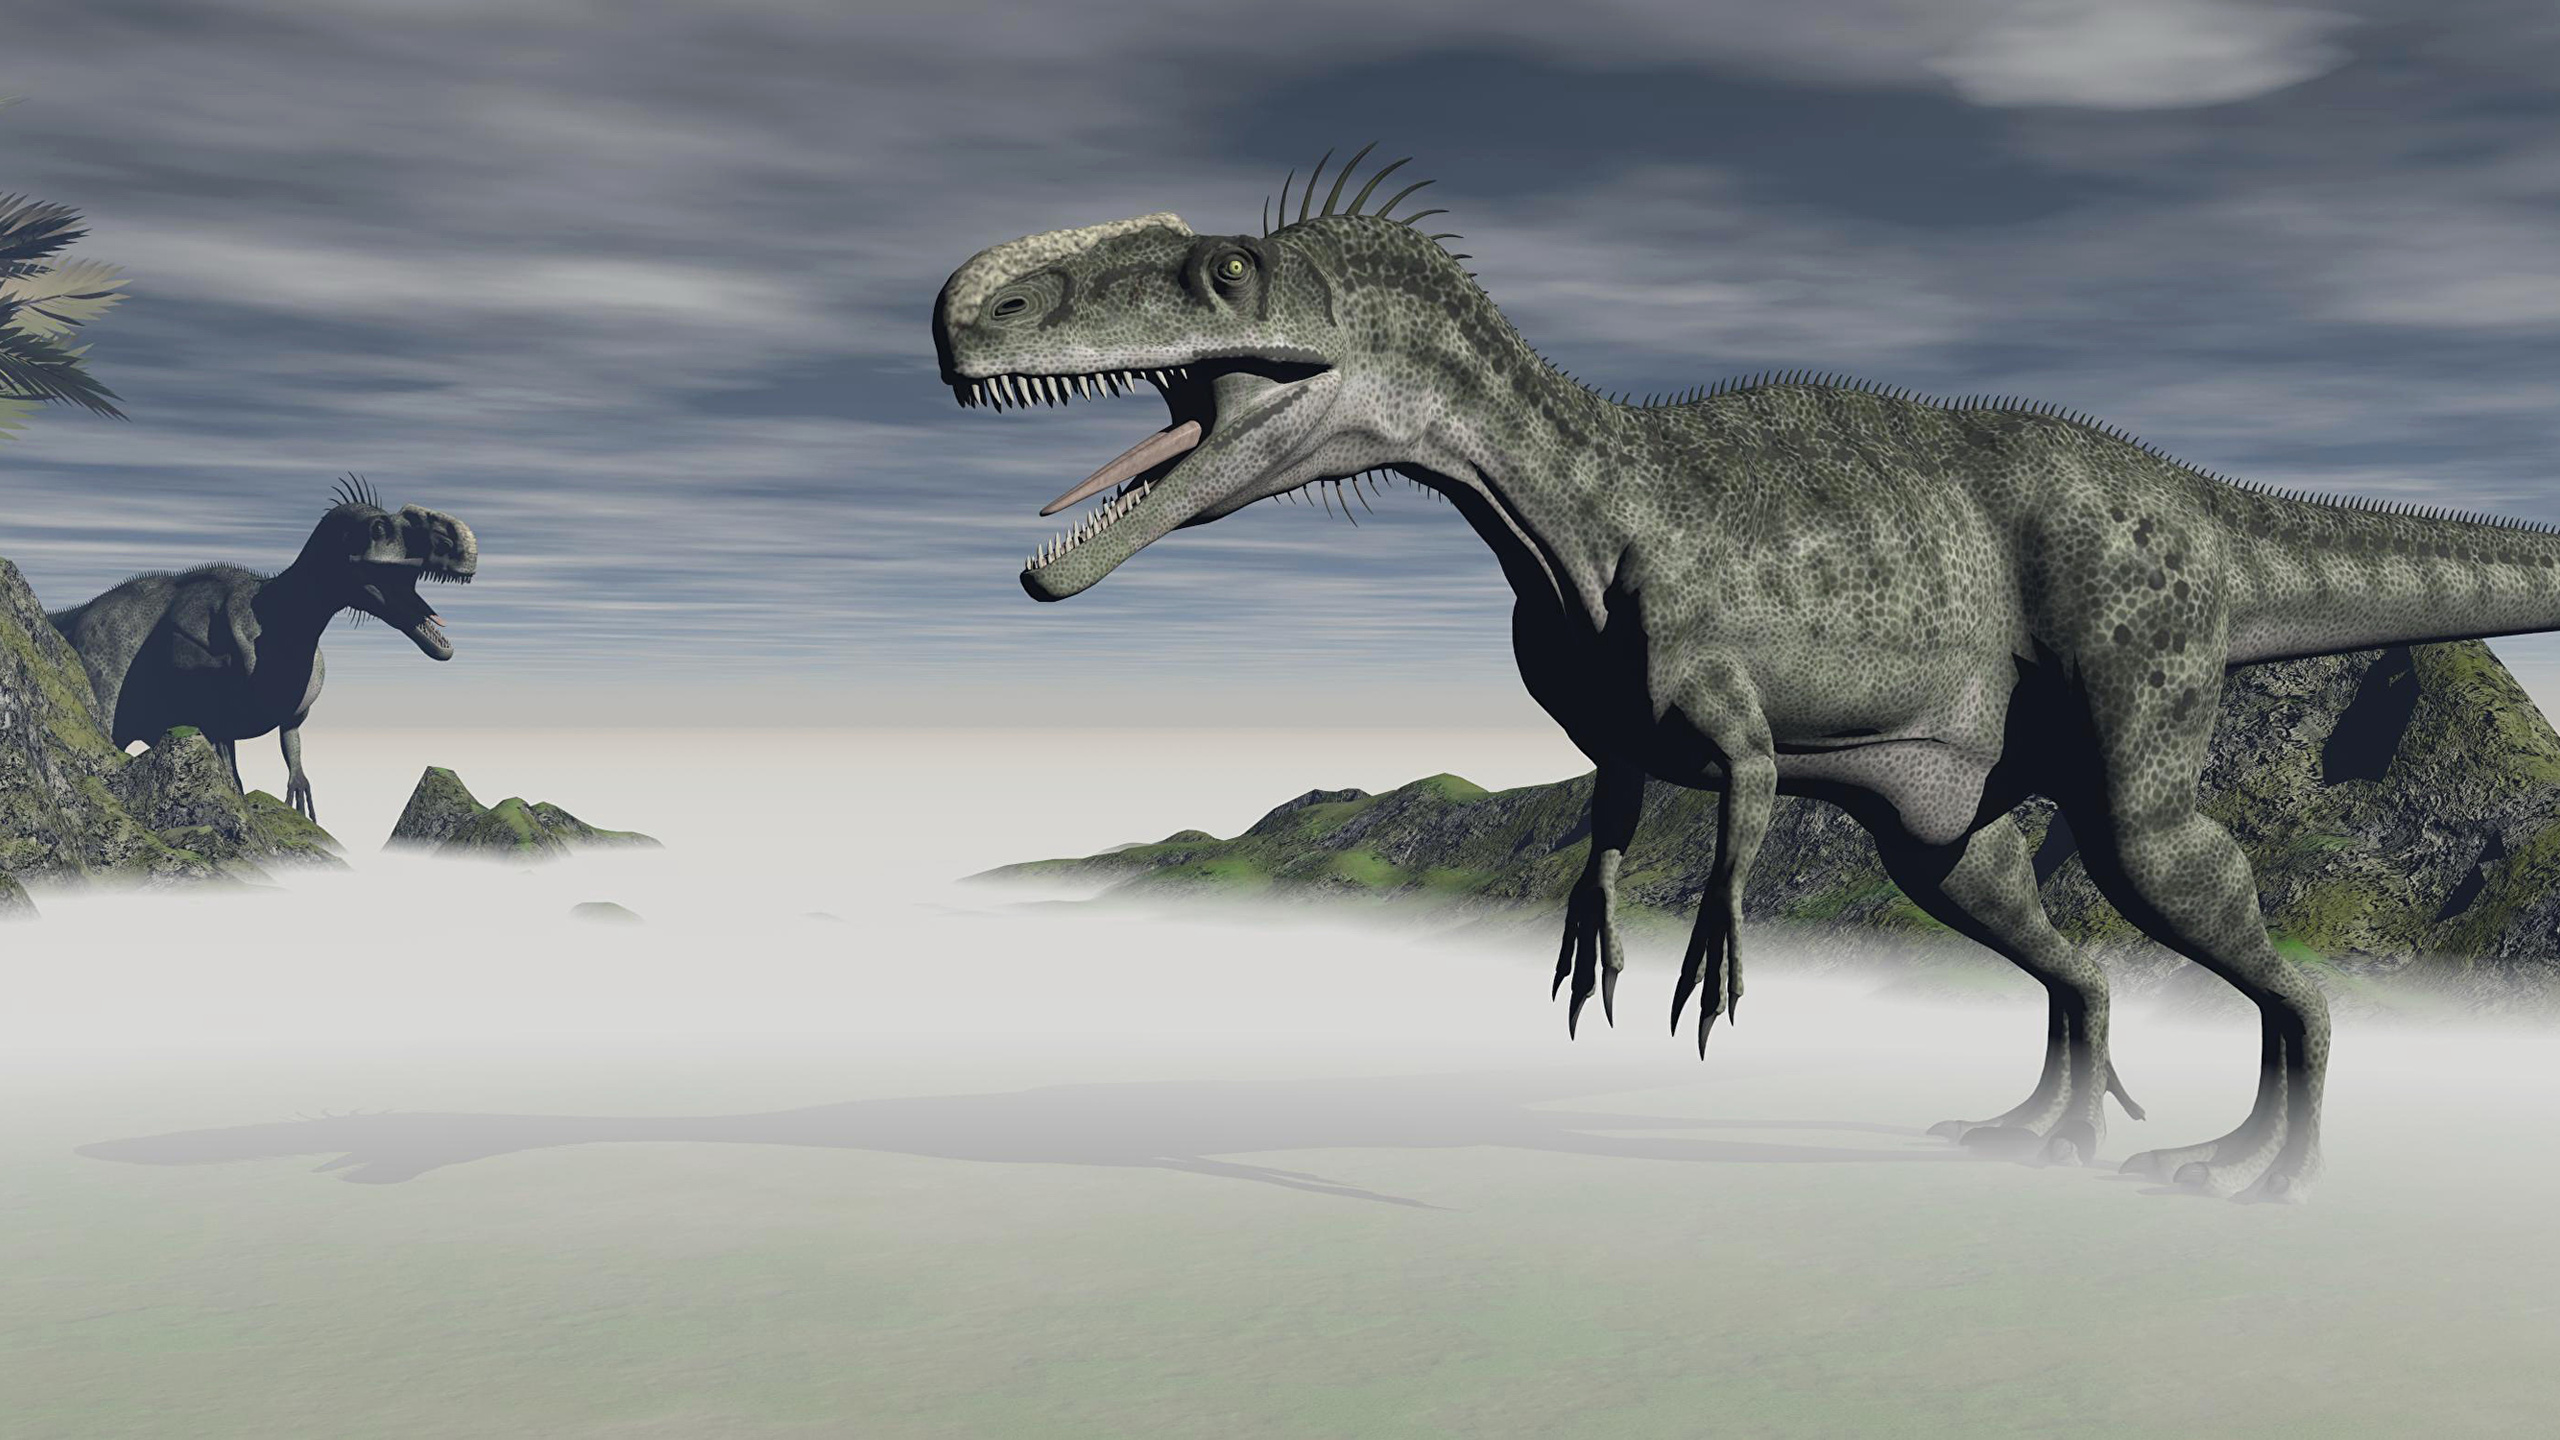 Обои для рабочего стола Тираннозавр рекс динозавр 3D Графика 2560x1440 Динозавры 3д